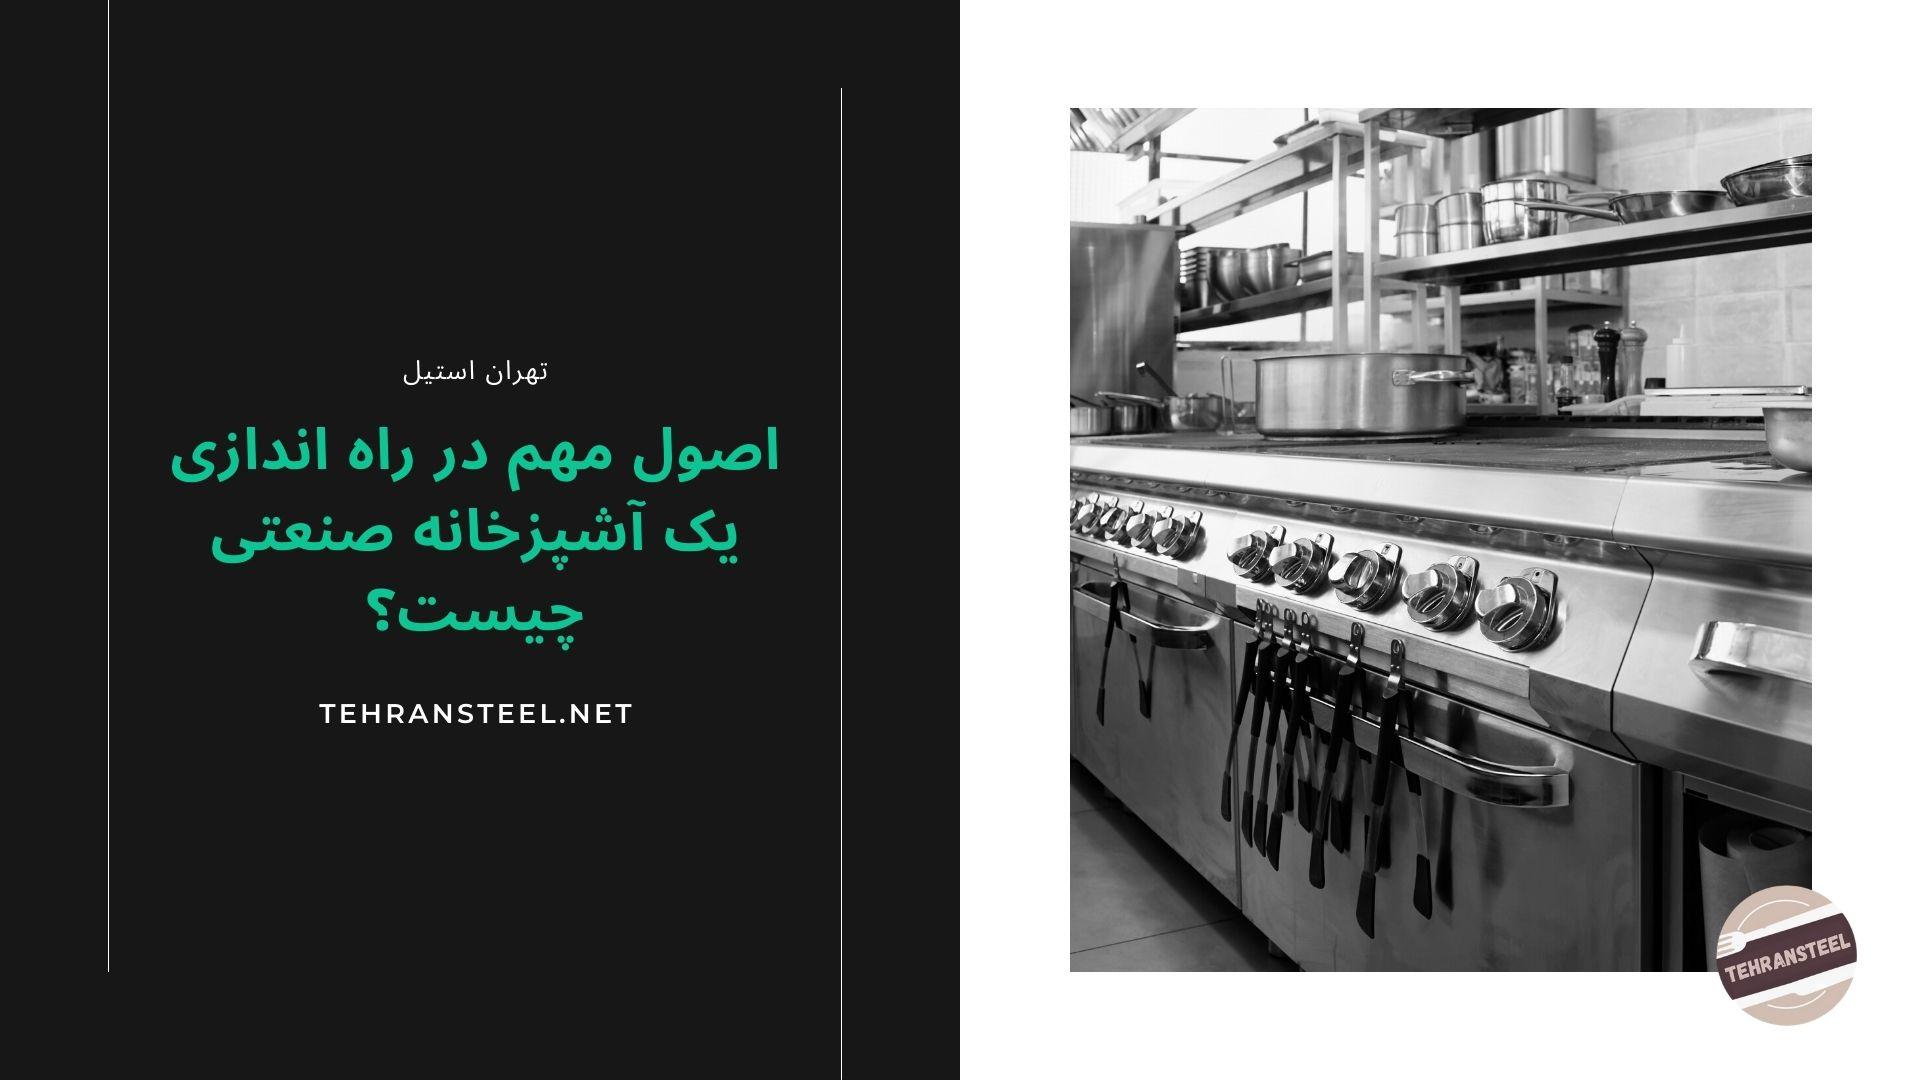 اصول مهم در راه اندازی یک آشپزخانه صنعتی چیست؟